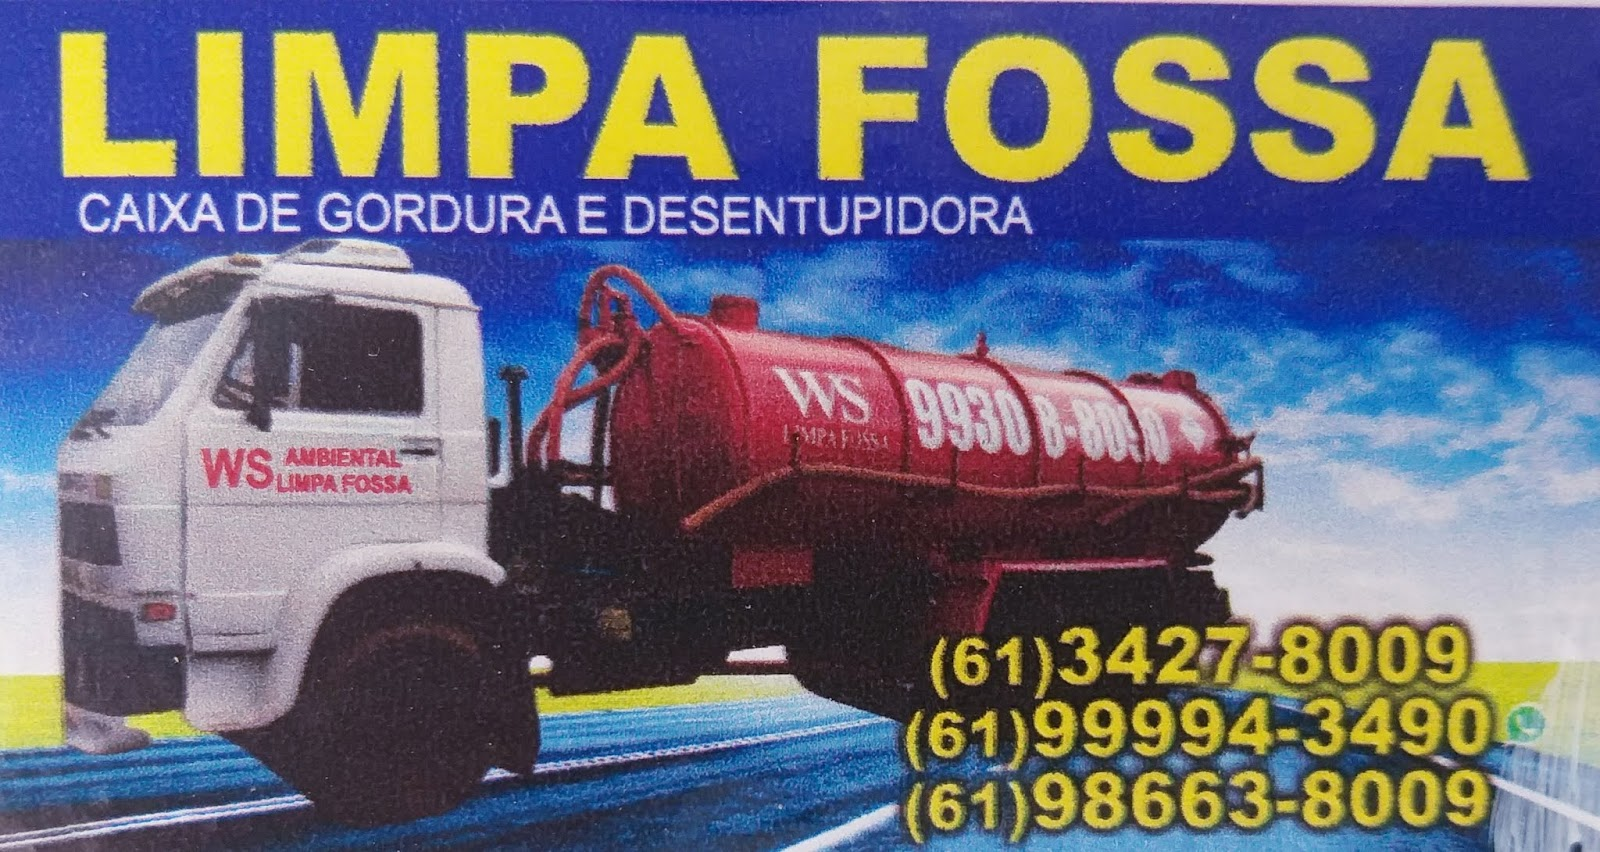 20190424 095517 - Sindicato diz que Mourão descartou capitalizar a Eletrobras em 2019